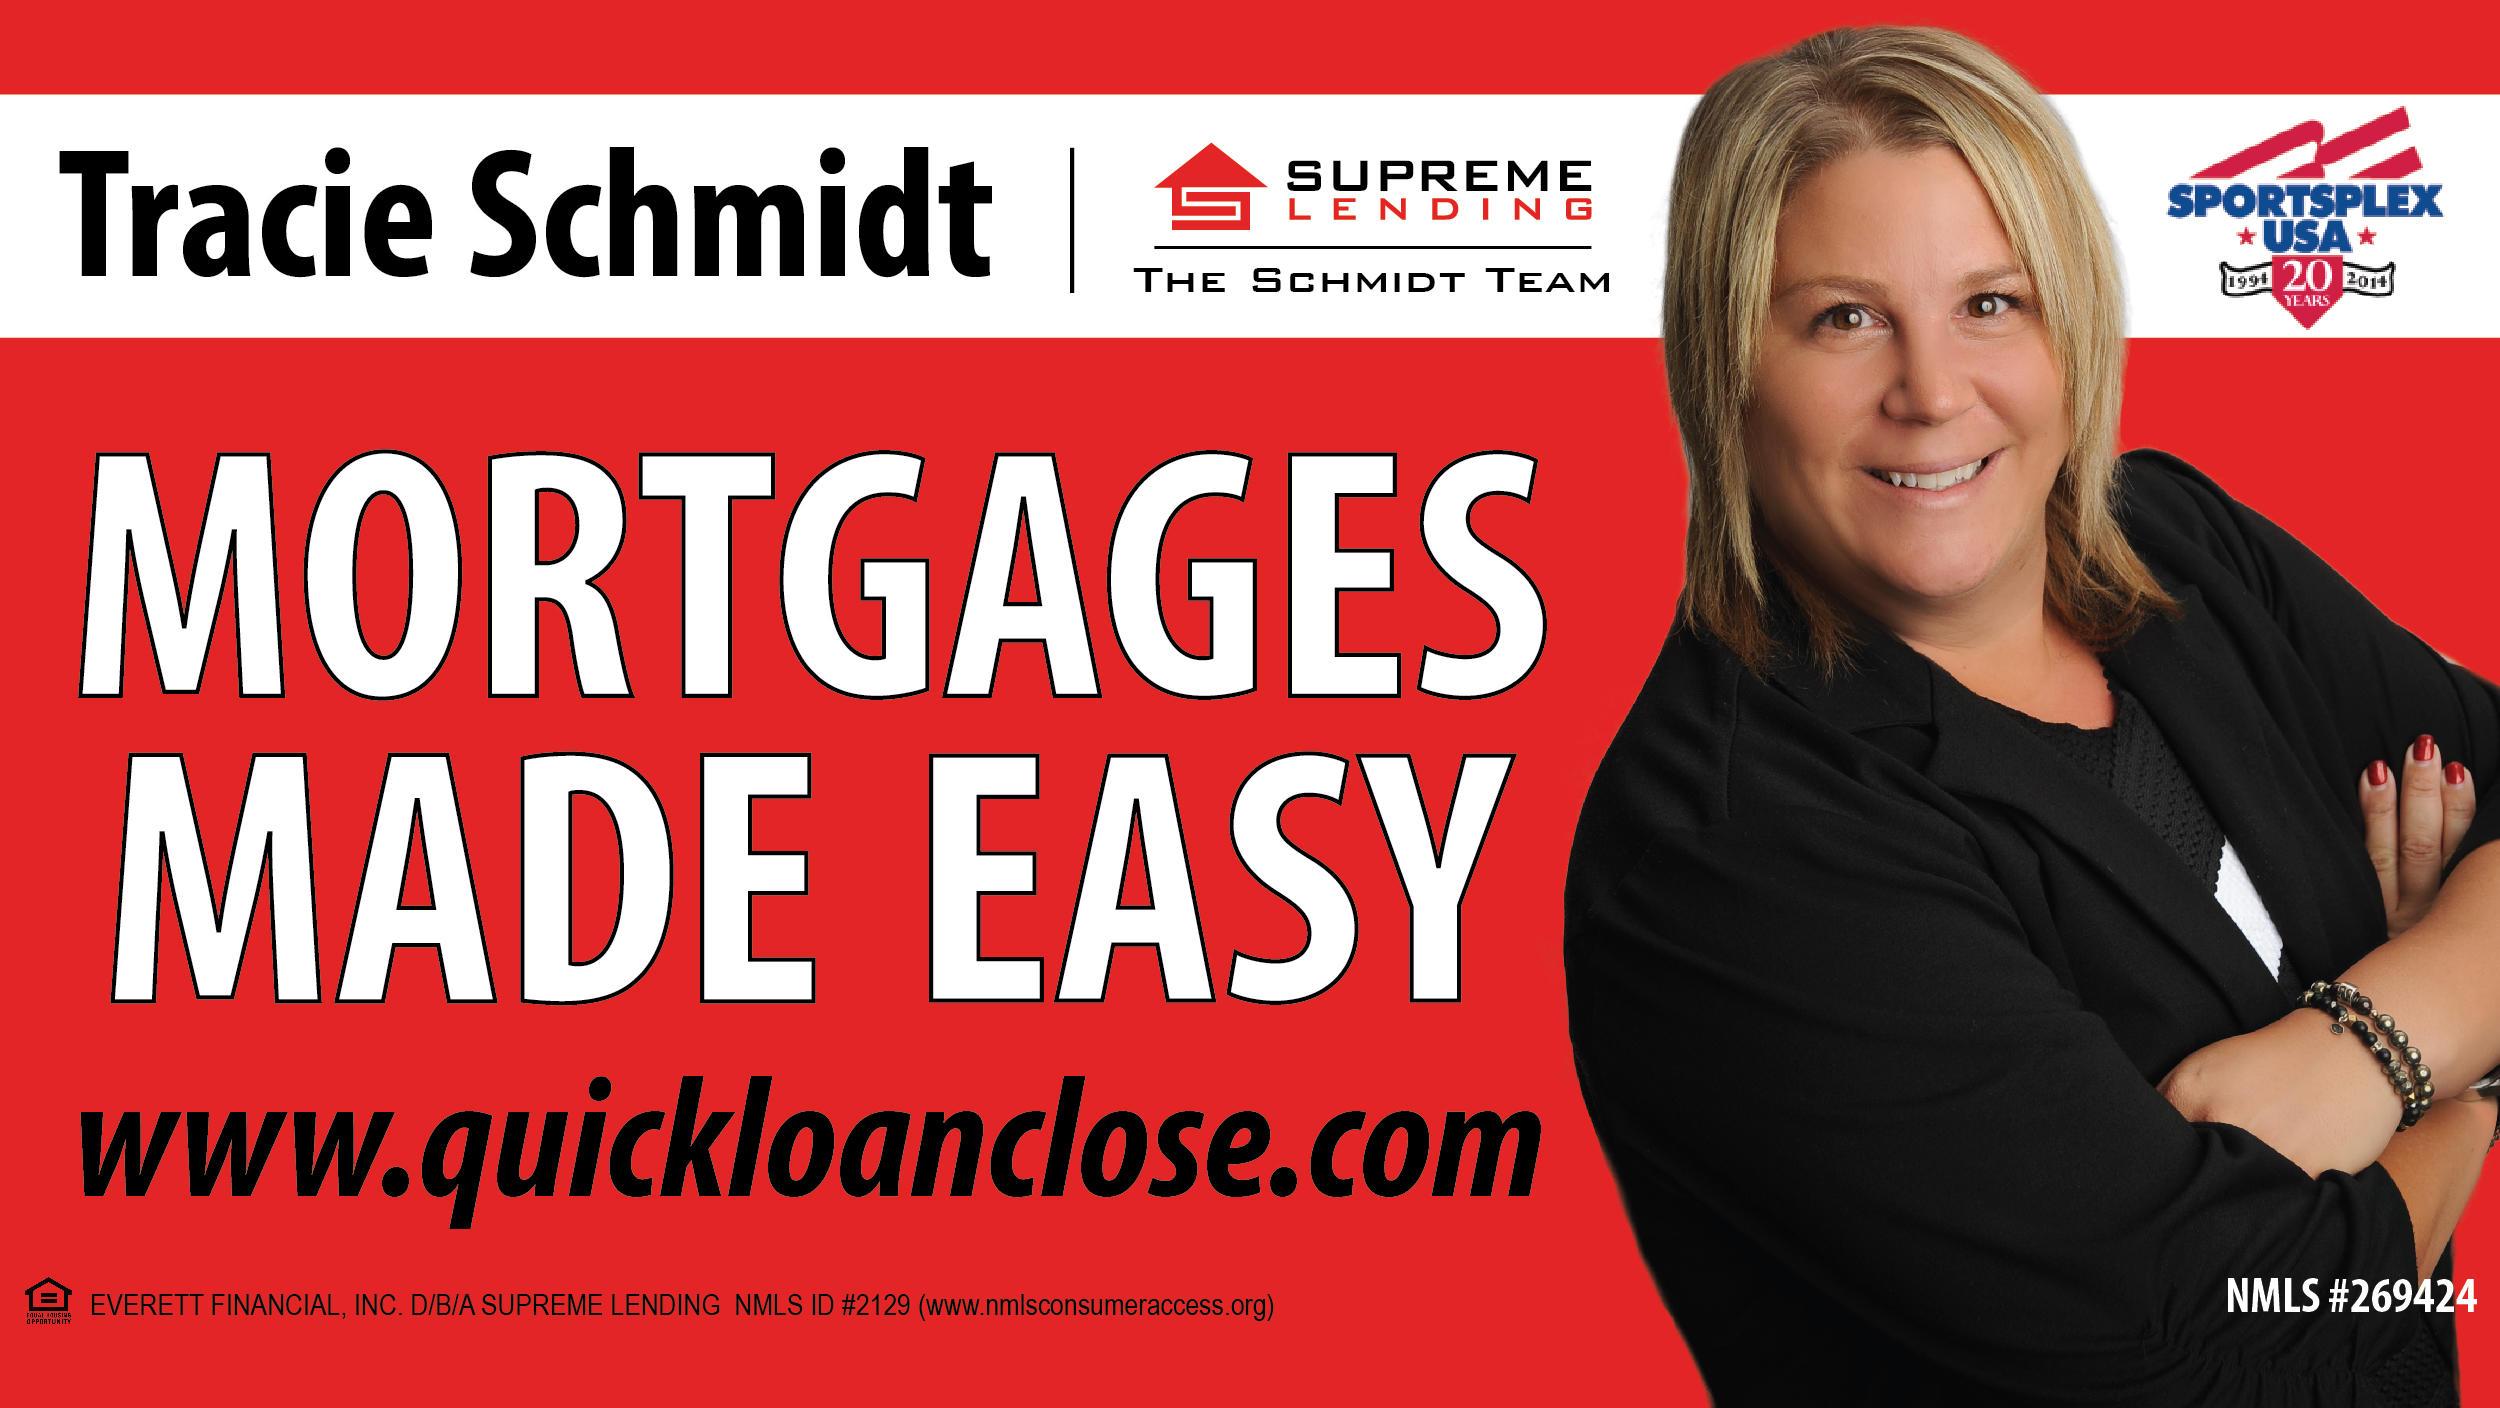 The Schmidt Team image 3